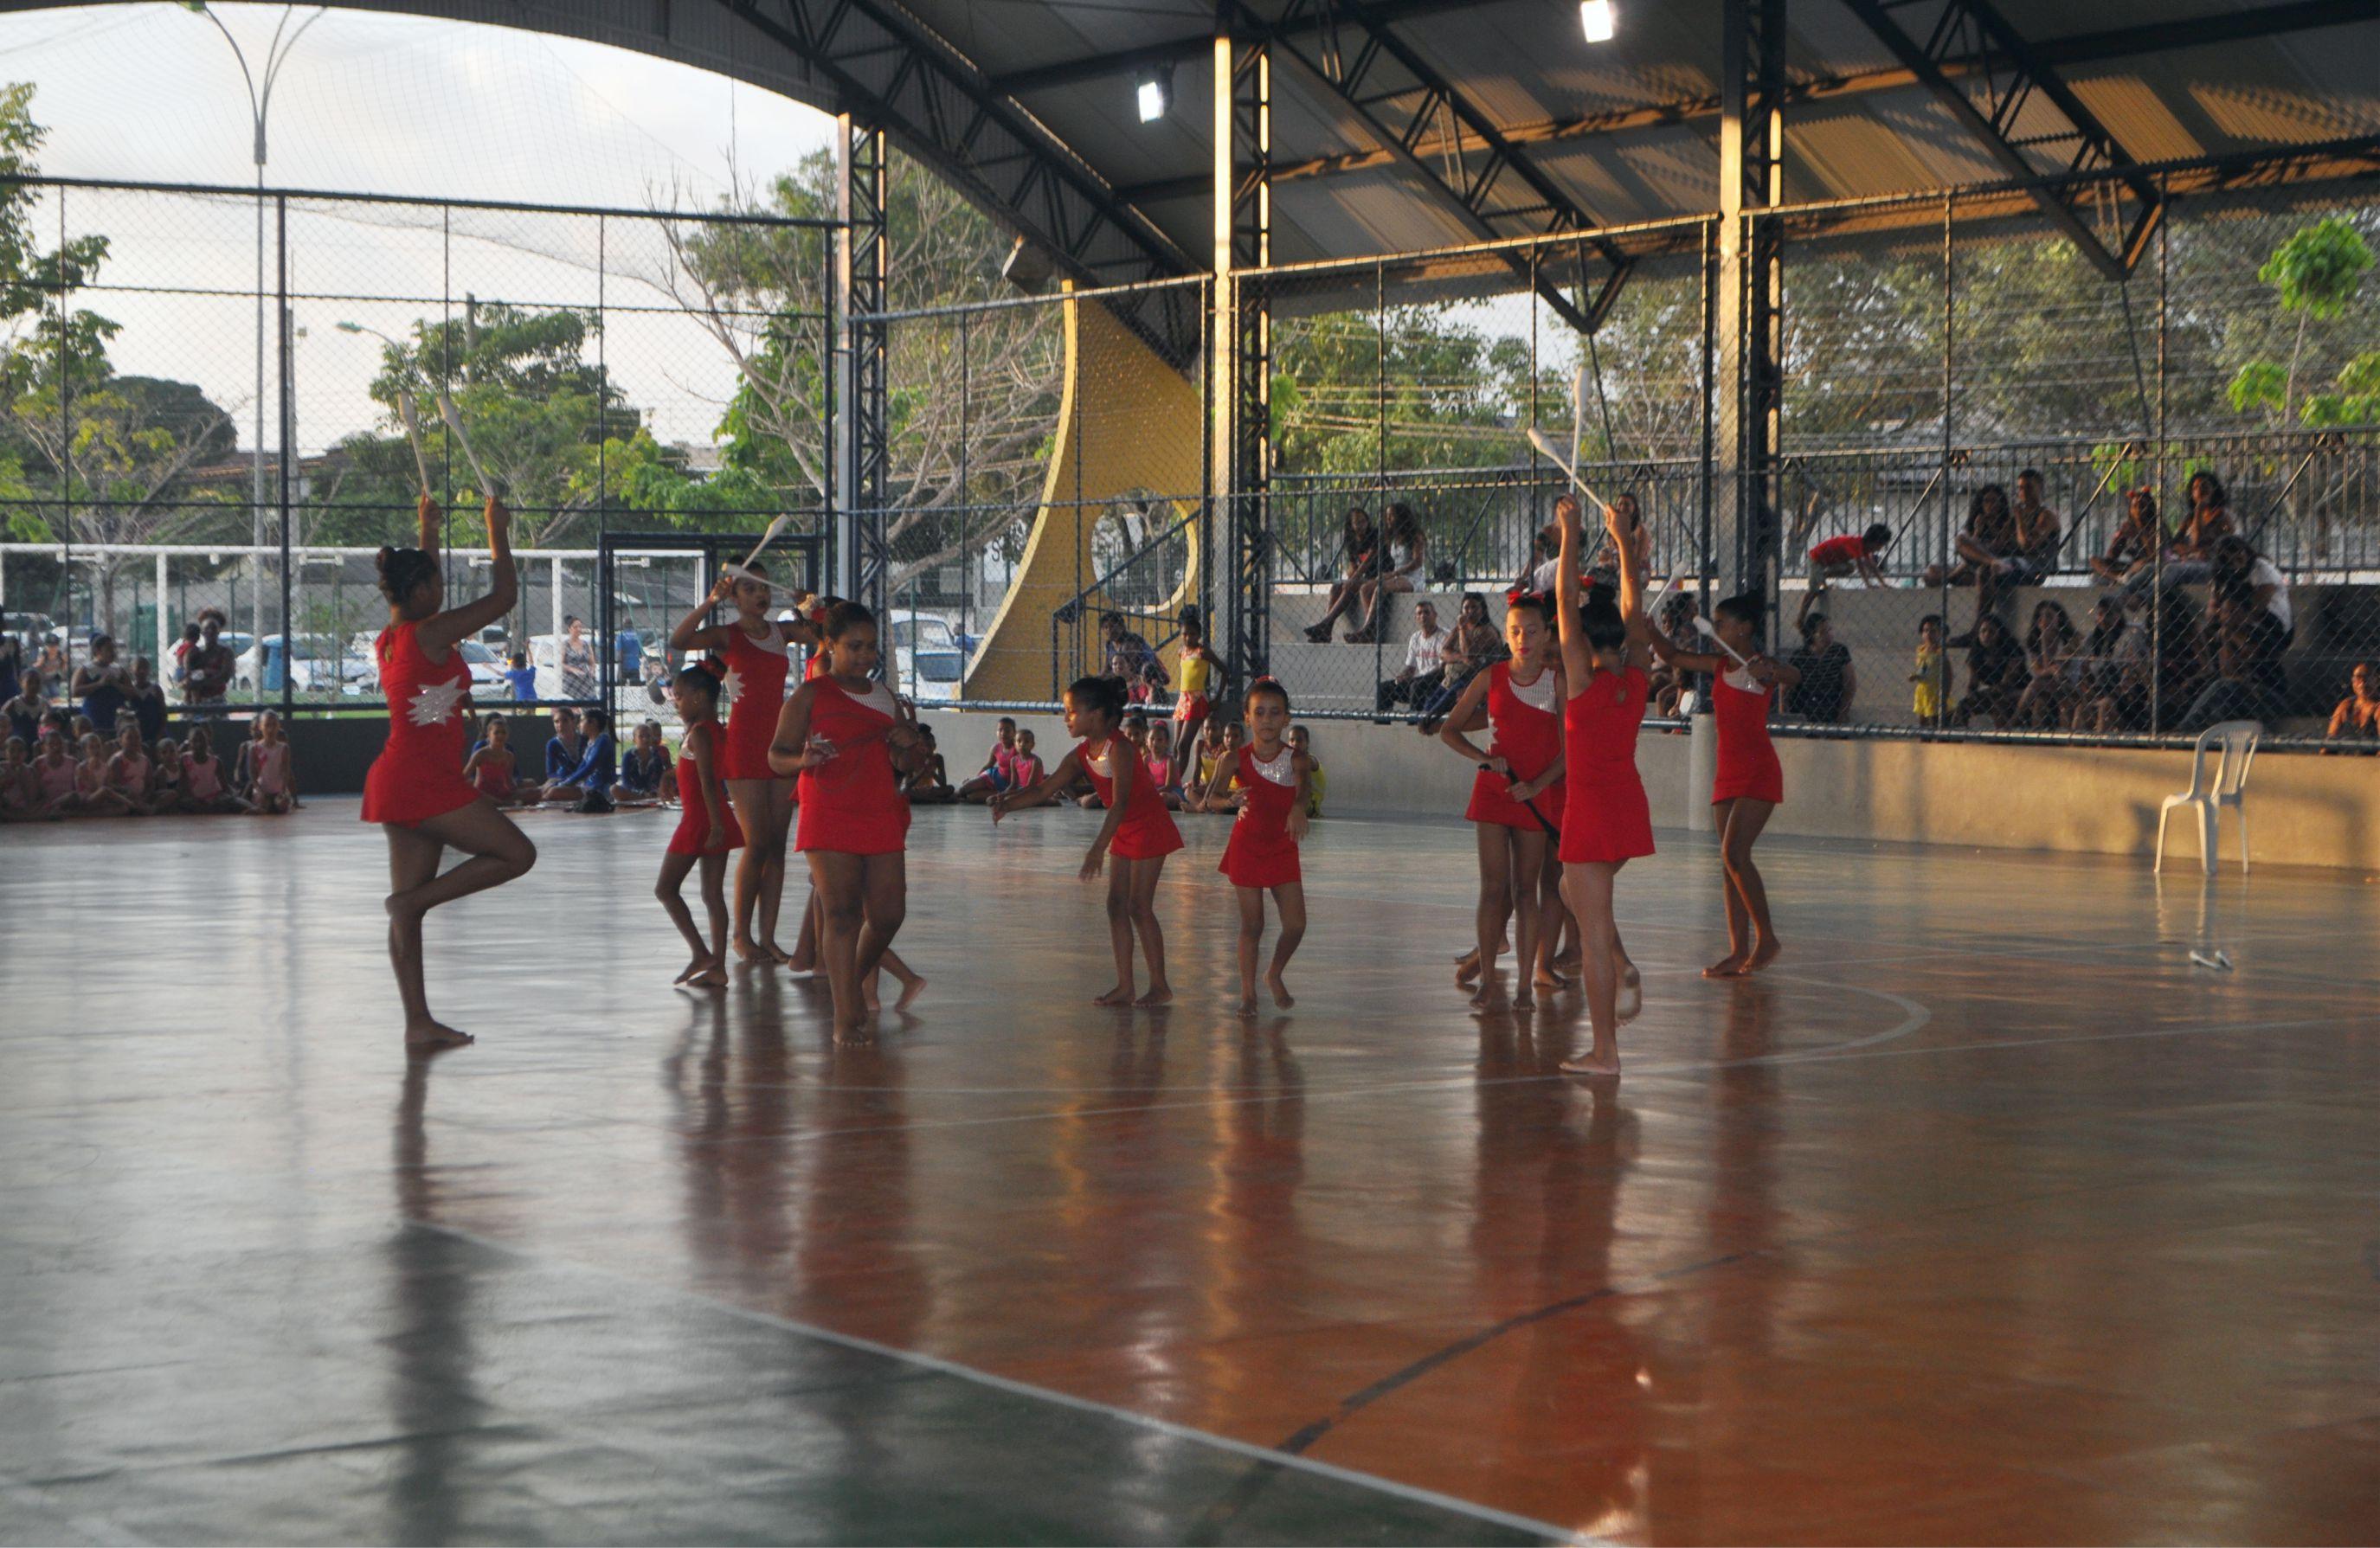 XII Festival De Ginastica Rítmica Apresenta Jovens Talentos Mateenses